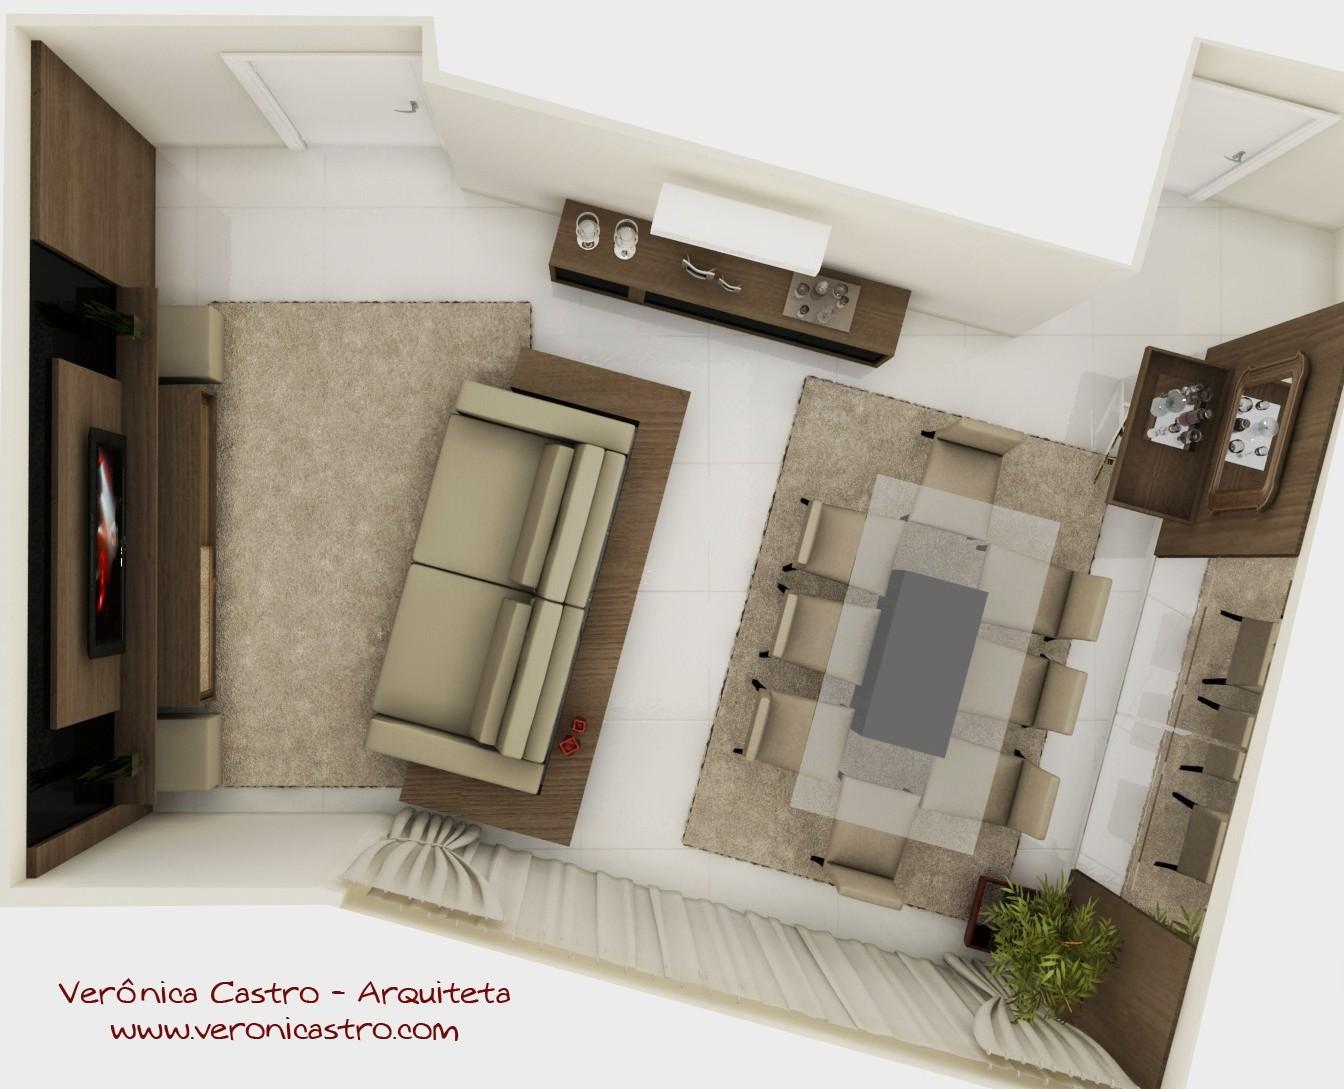 Fotos De Sala De Jantar ~  Arquiteta E Urbanista Sala De Estar Jantar E Fotos De Veronica Castro